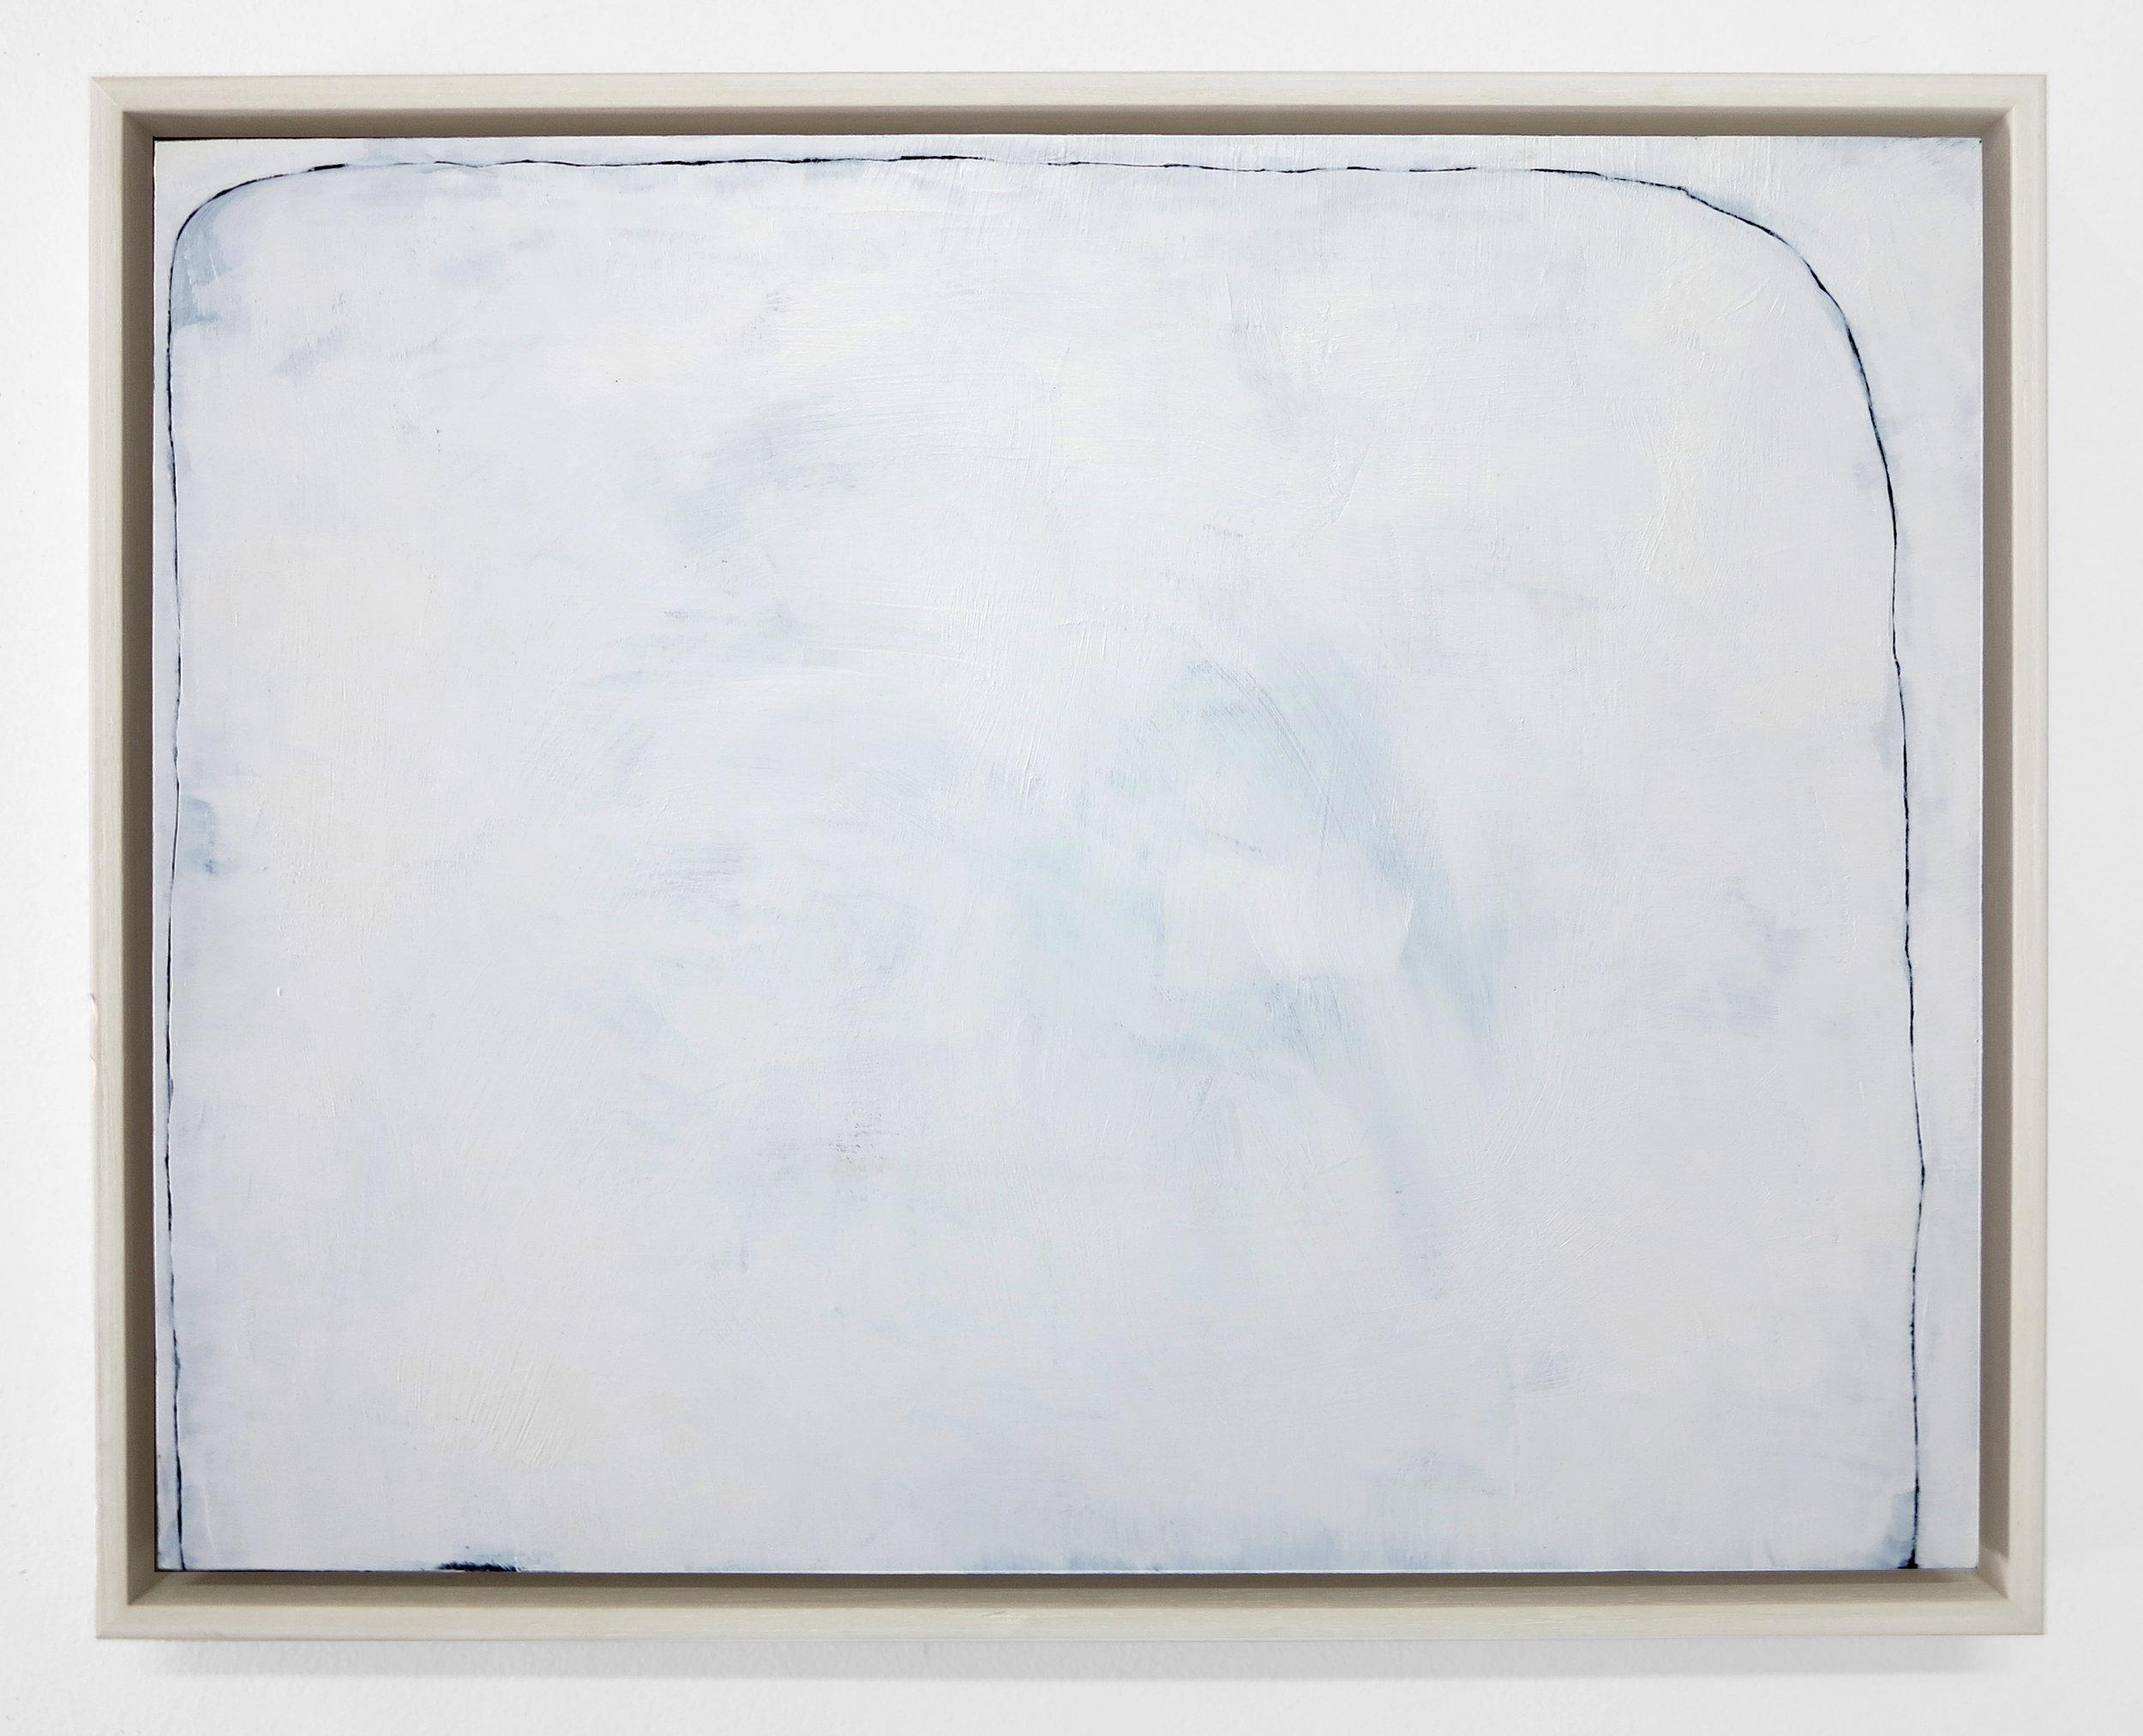 Line Drawing I, 2017, acrylic on board framed, 38.5 x 30.5cm